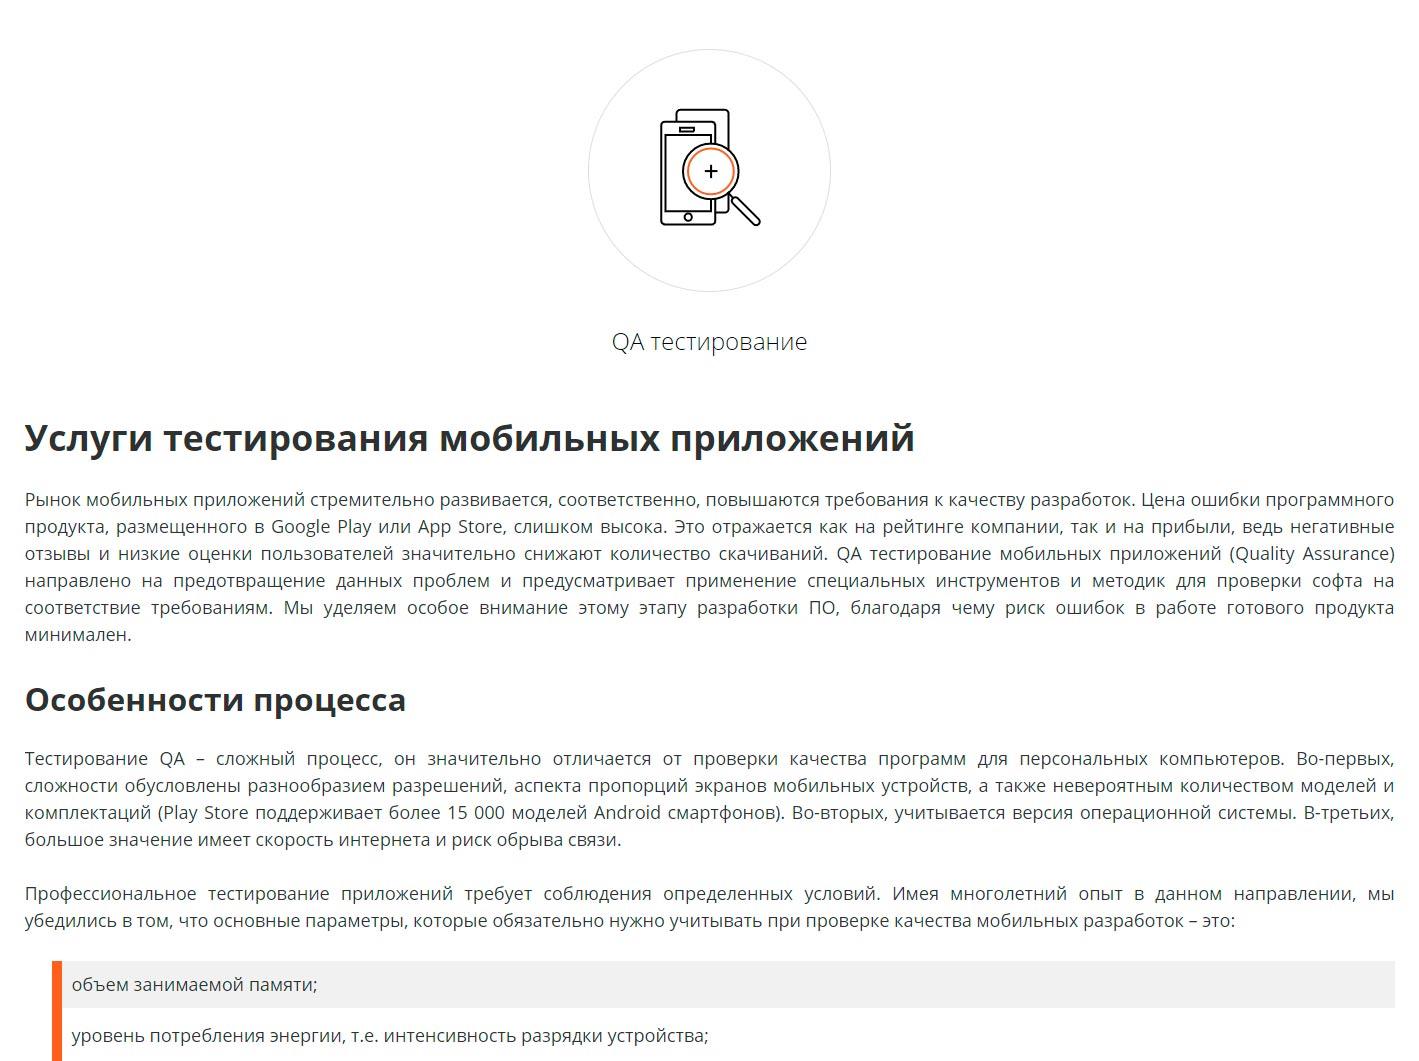 Wezom.Mobile - обзор компании, услуги, отзывы, клиенты, Фото № 3 - google-seo.pro